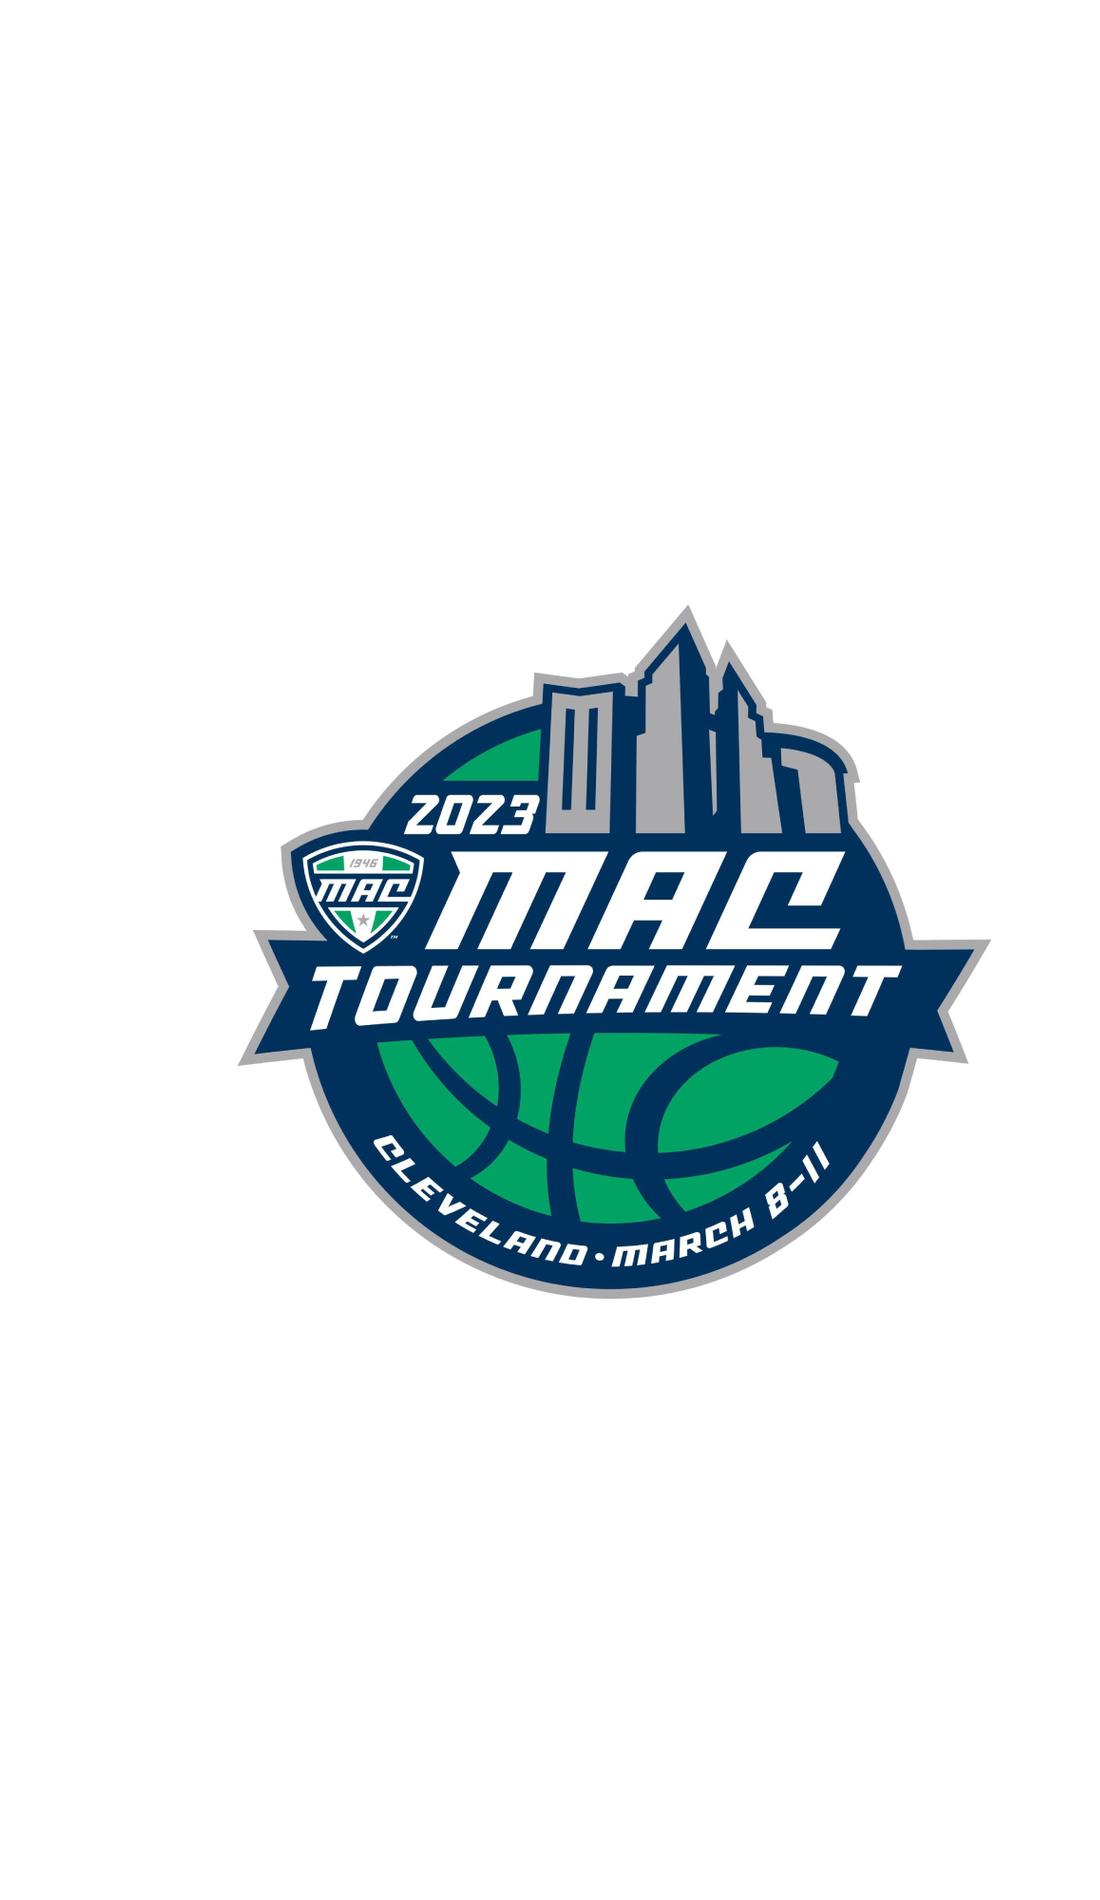 A MAC Women's Basketball Tournament live event